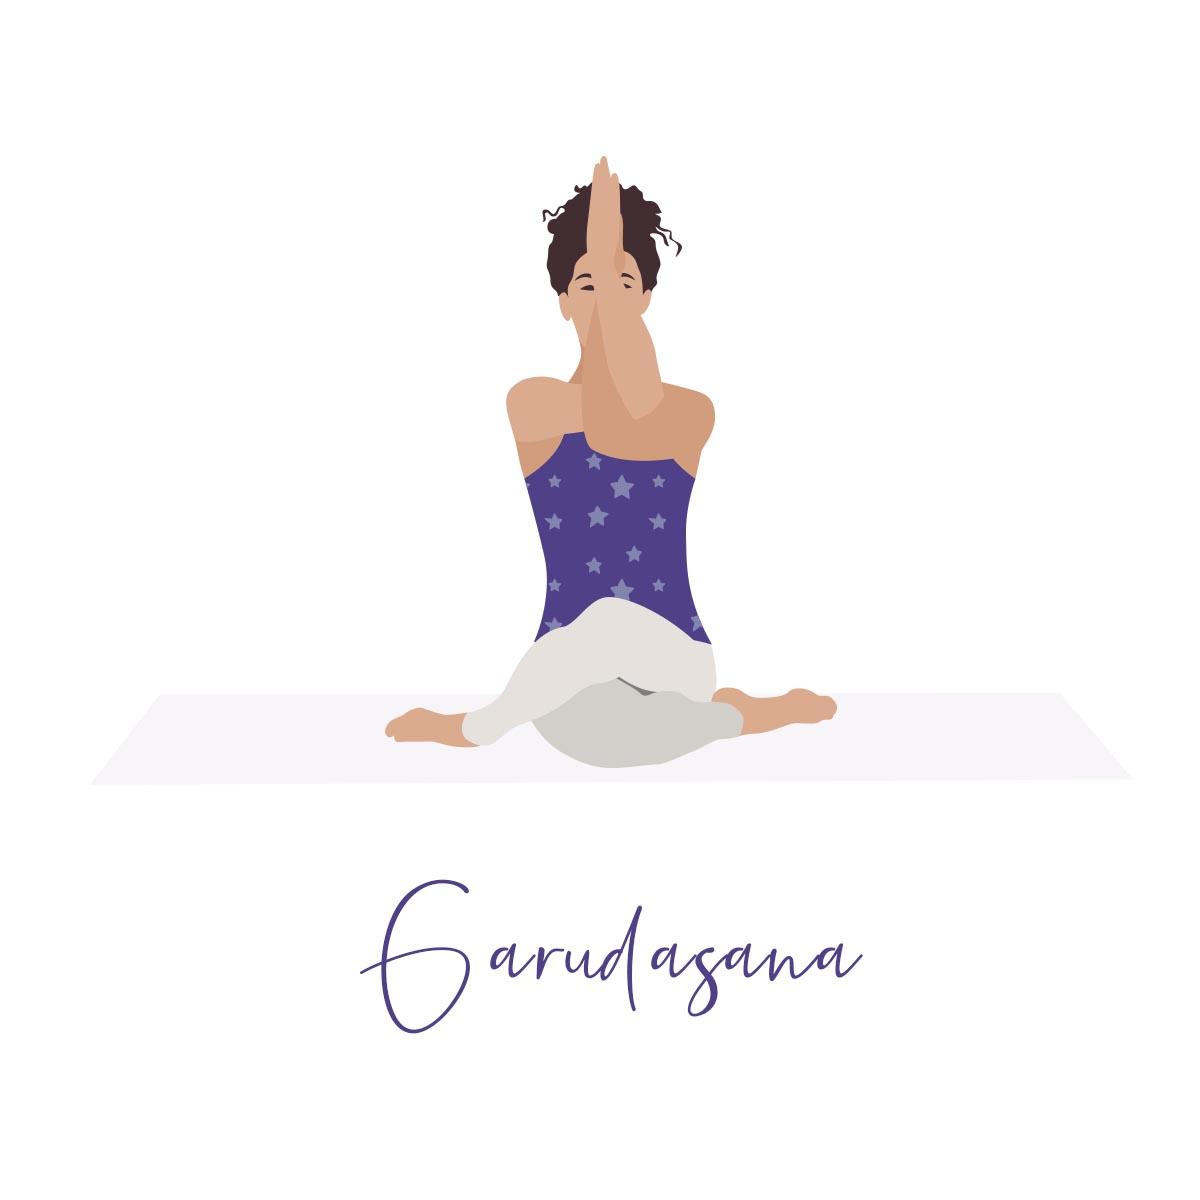 Garudasana Illustration